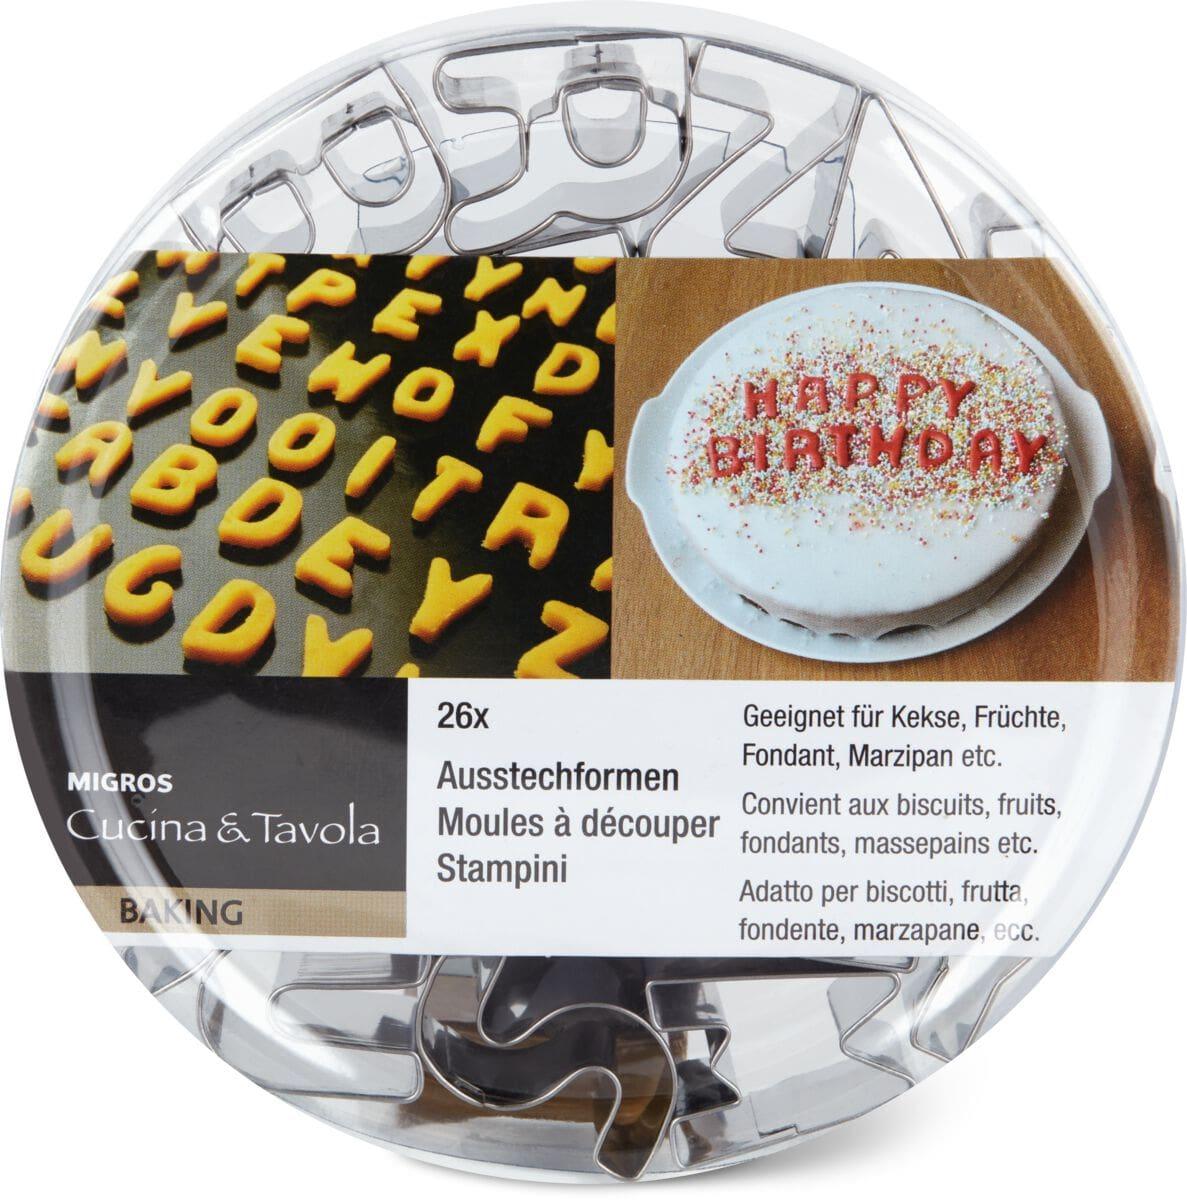 Cucina & Tavola Ausstechformen Buchstaben